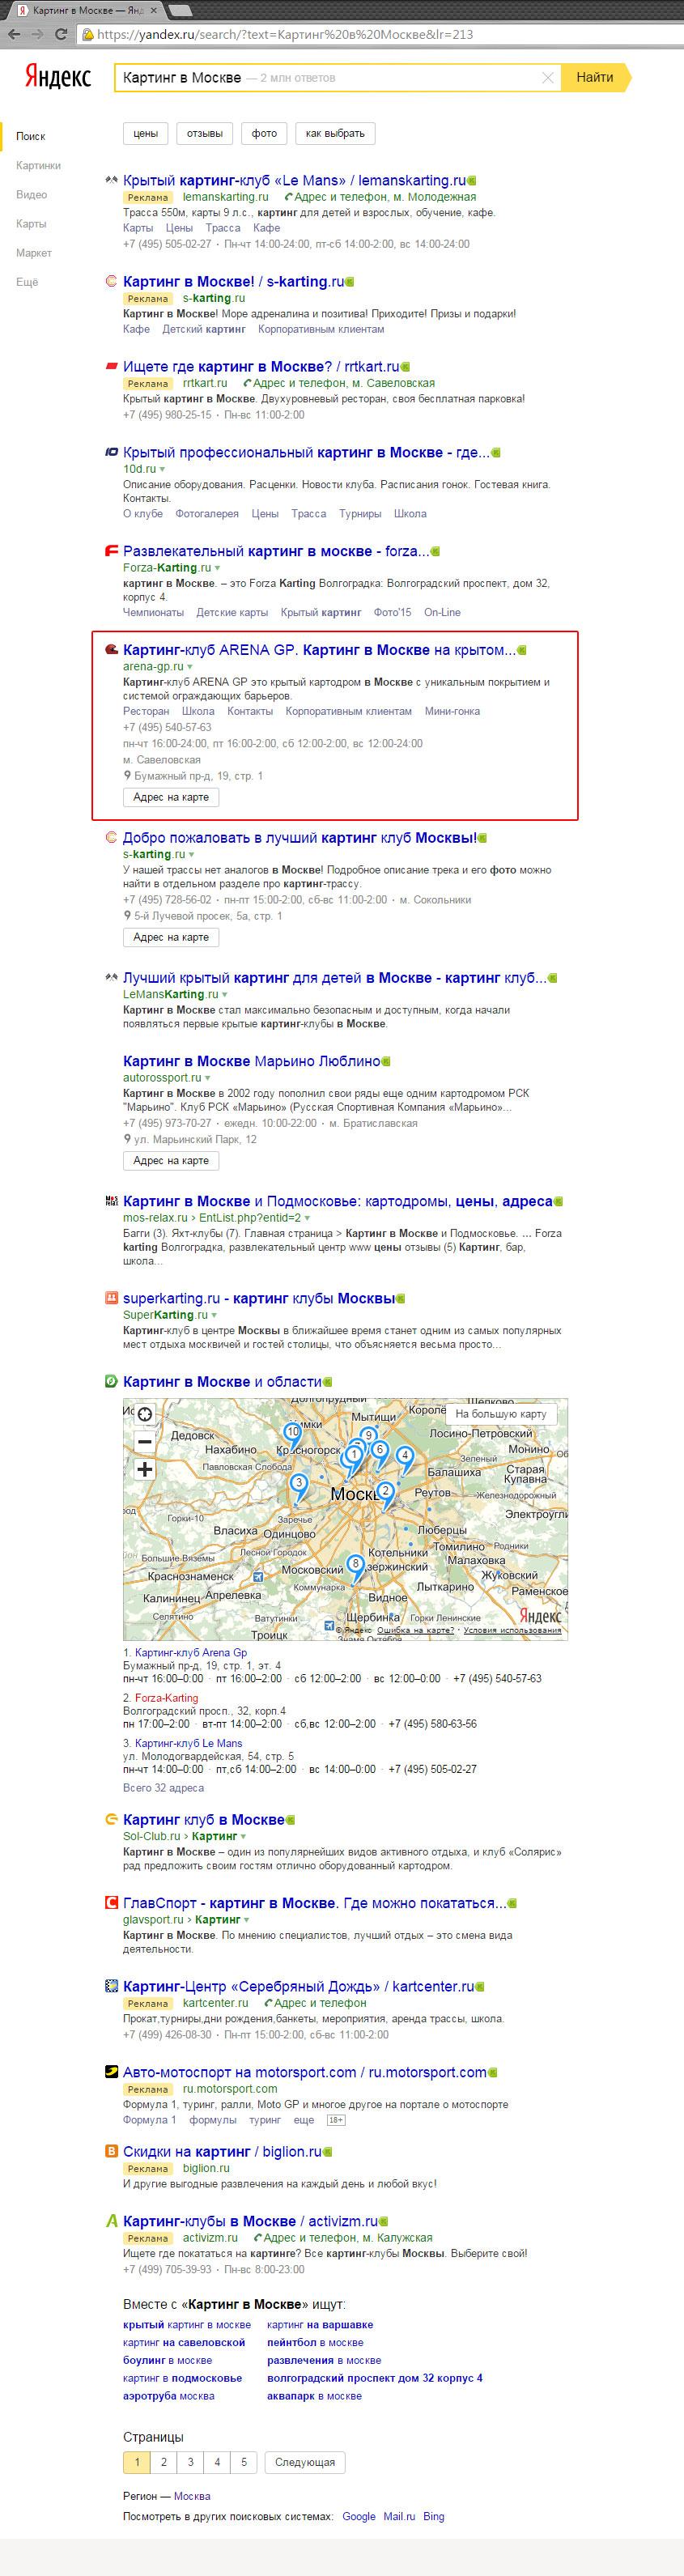 Картинг в Москве, Москва и область / Яндекс (3-место)